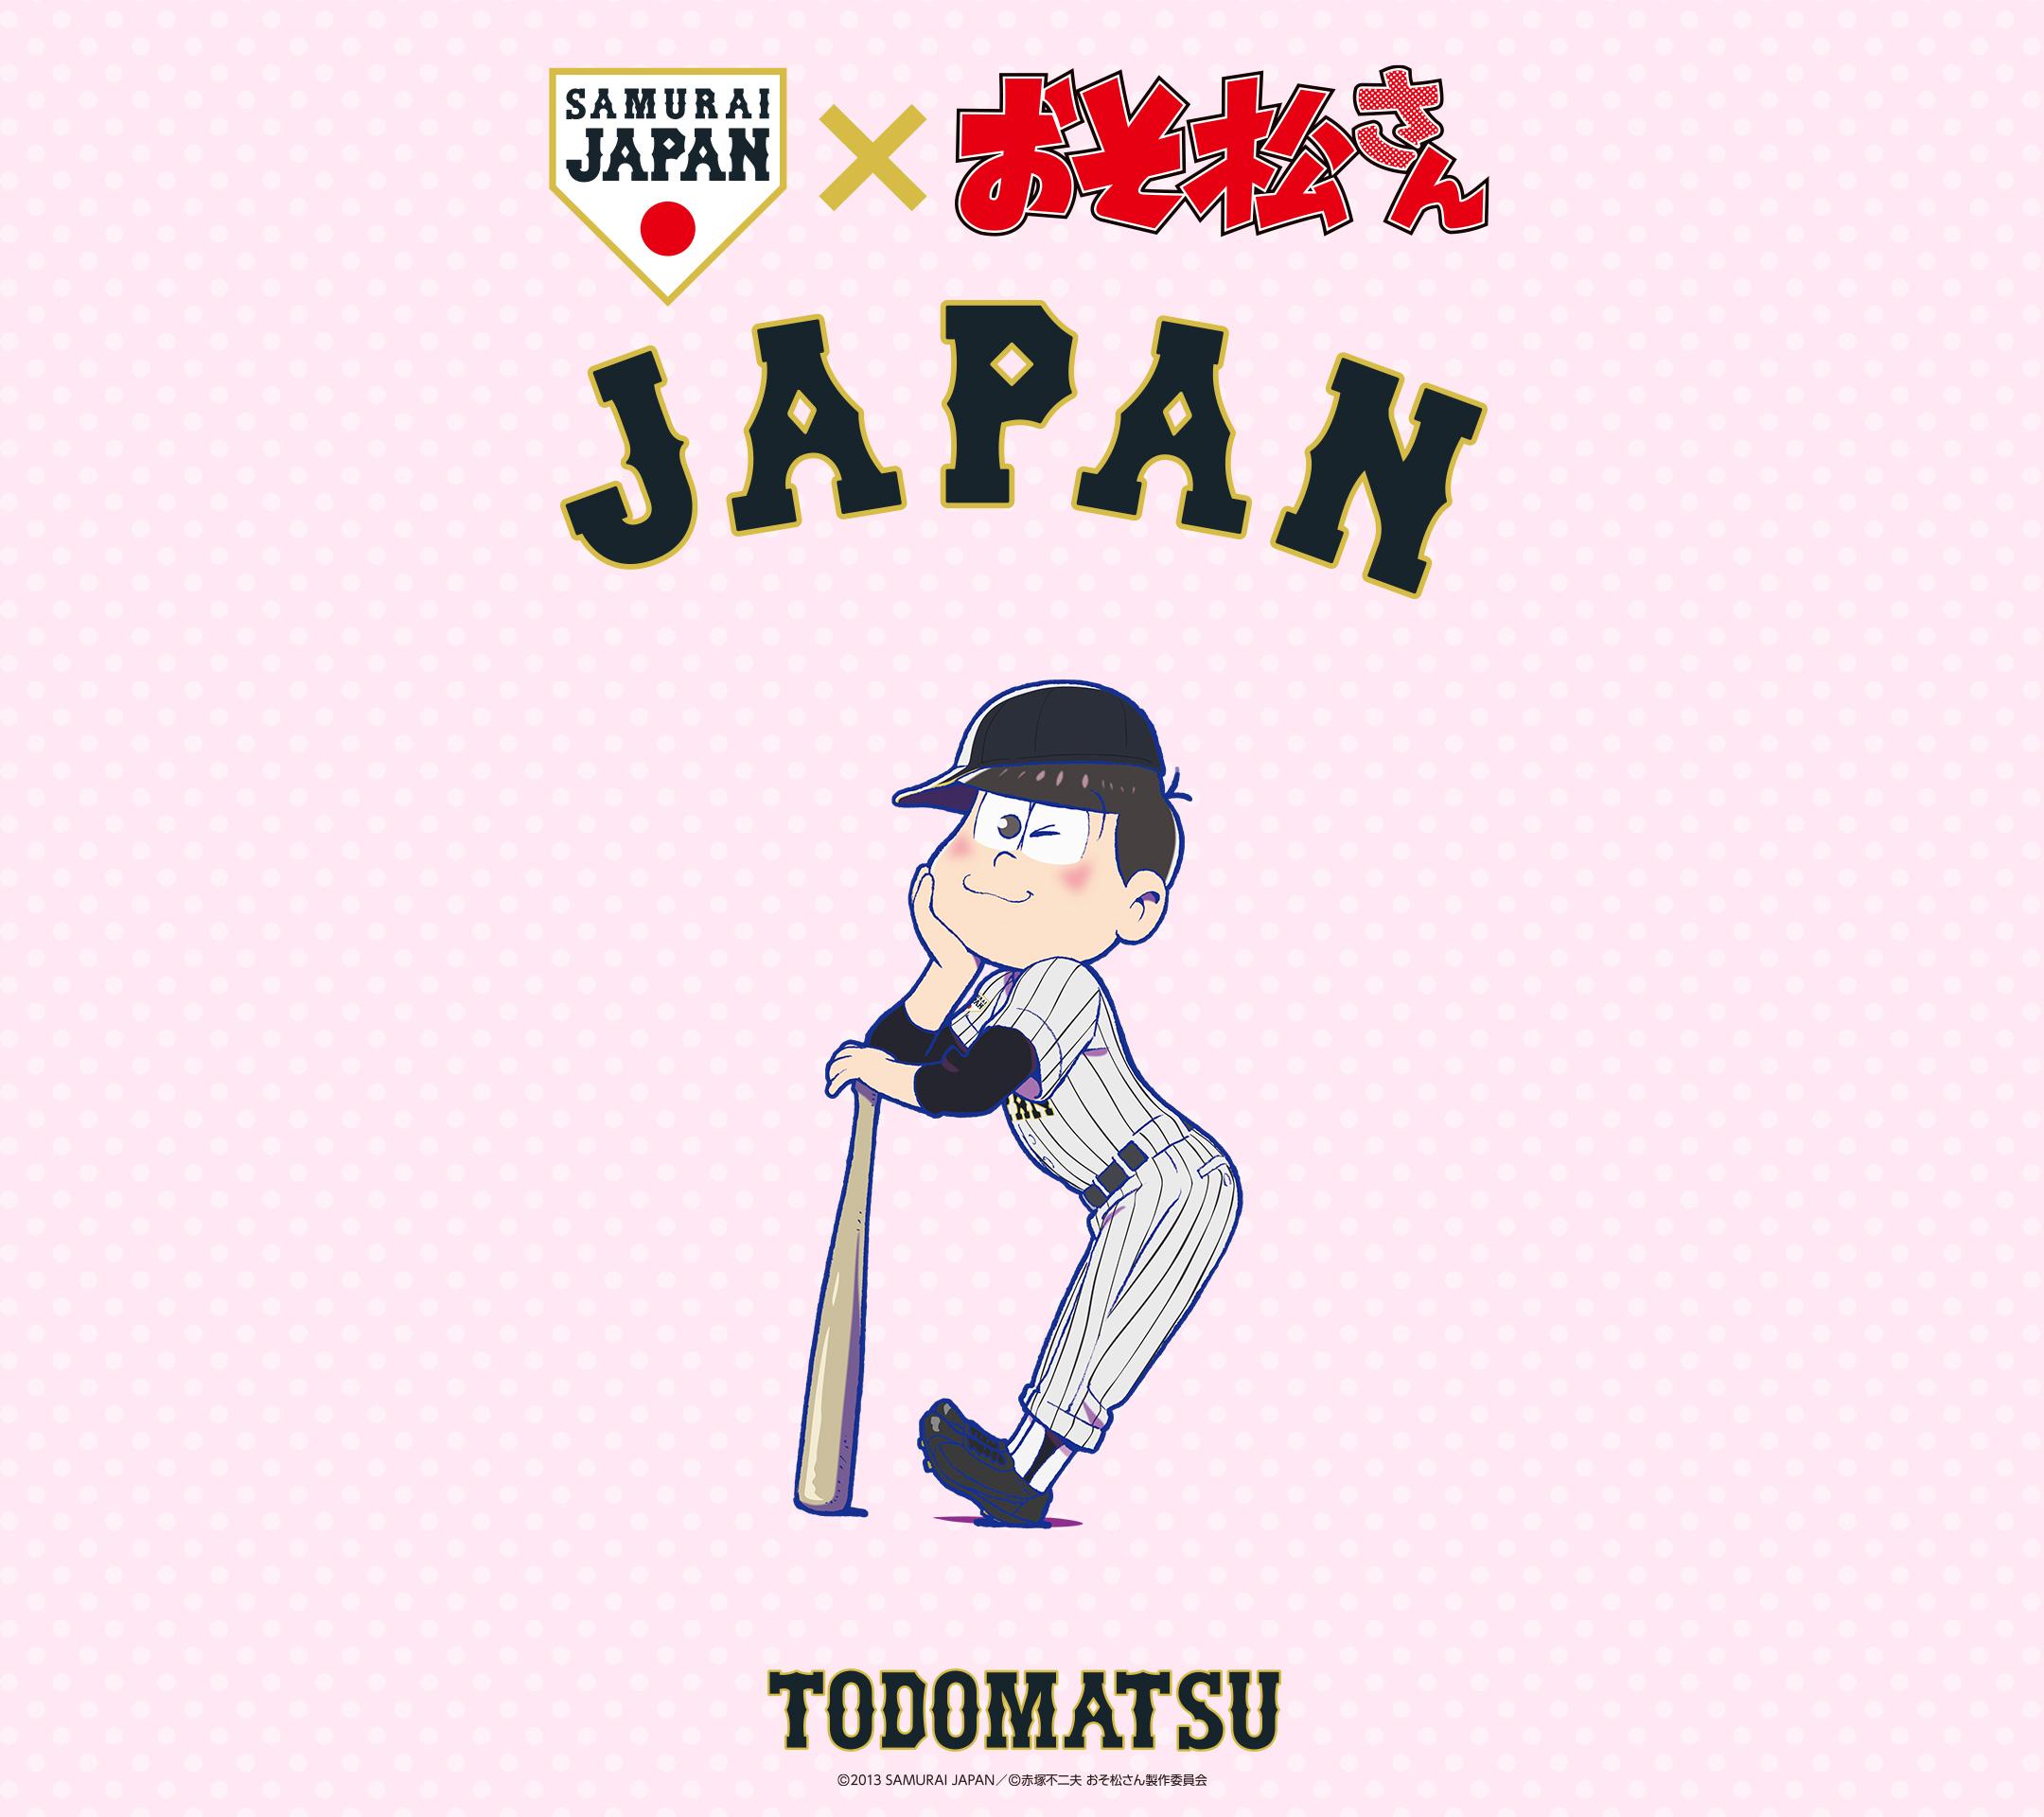 3月5日ナゴヤドーム オリジナル待ち受けプレゼント アイコトバ 侍